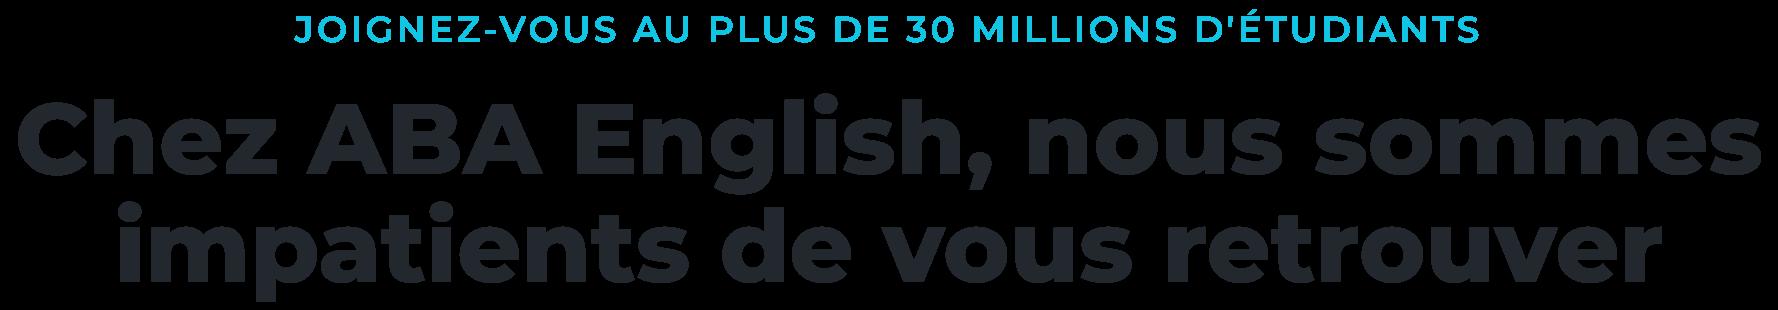 Comment parler l'anglais gratuitement